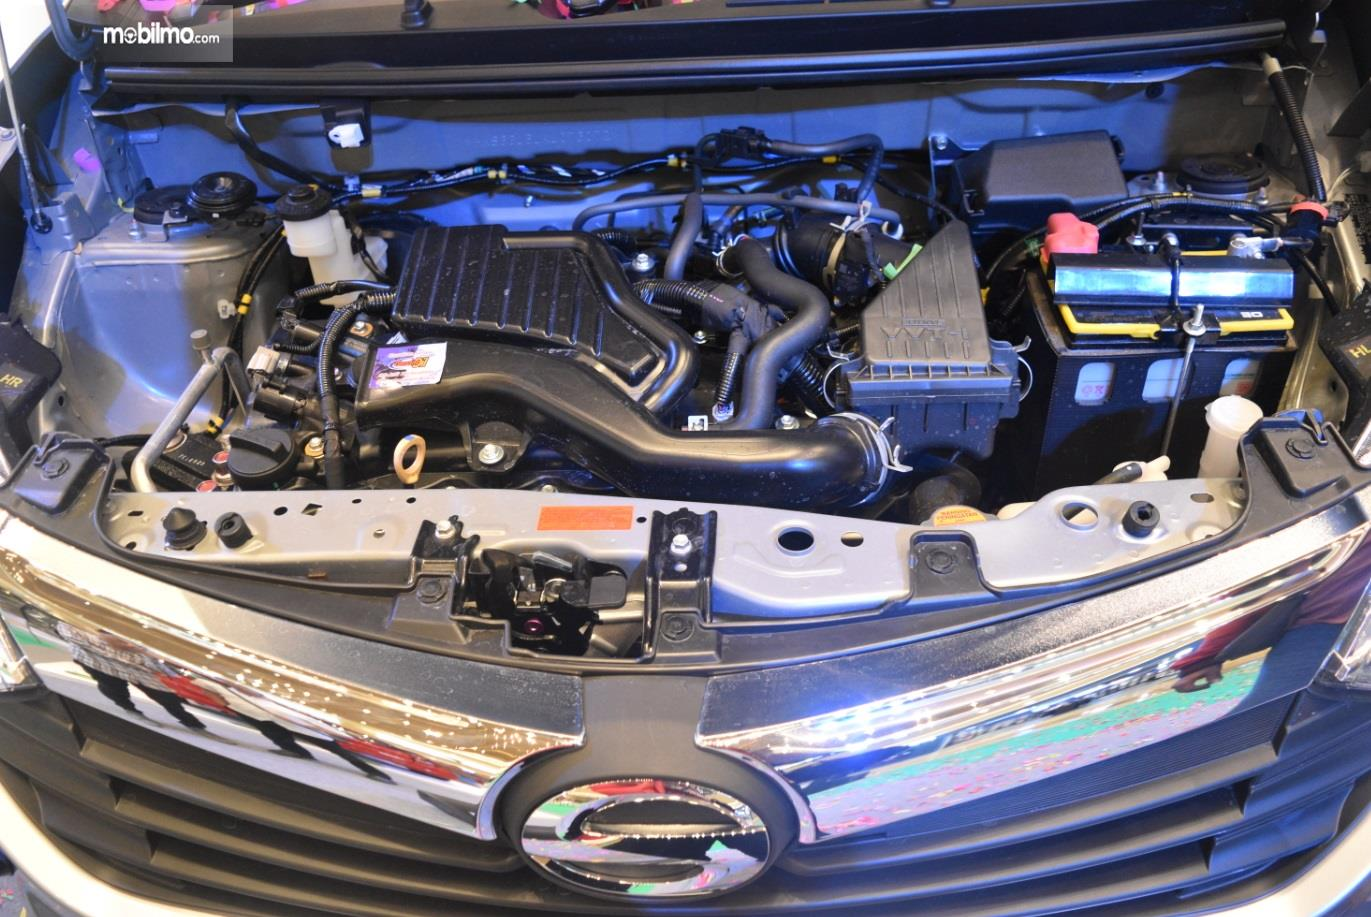 Mesin Daihatsu Sigra 2019 menggunakan kapasitas 1.197 cc khususnya pada tipe R dan X saja